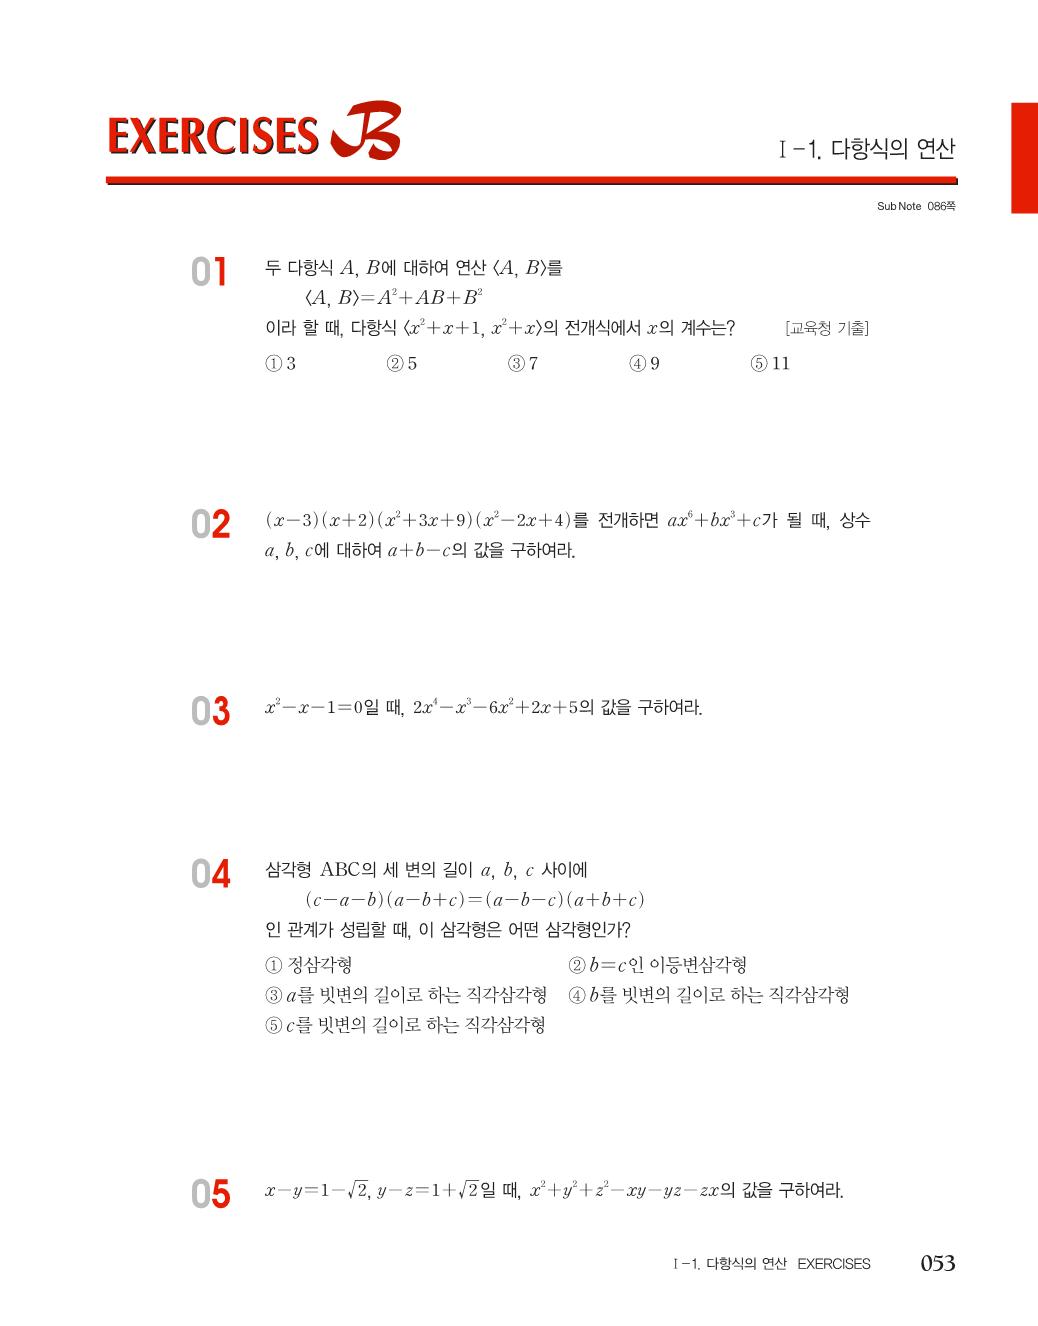 숨마쿰라우데 기본개념서 고등수학(상)_optimize23.png